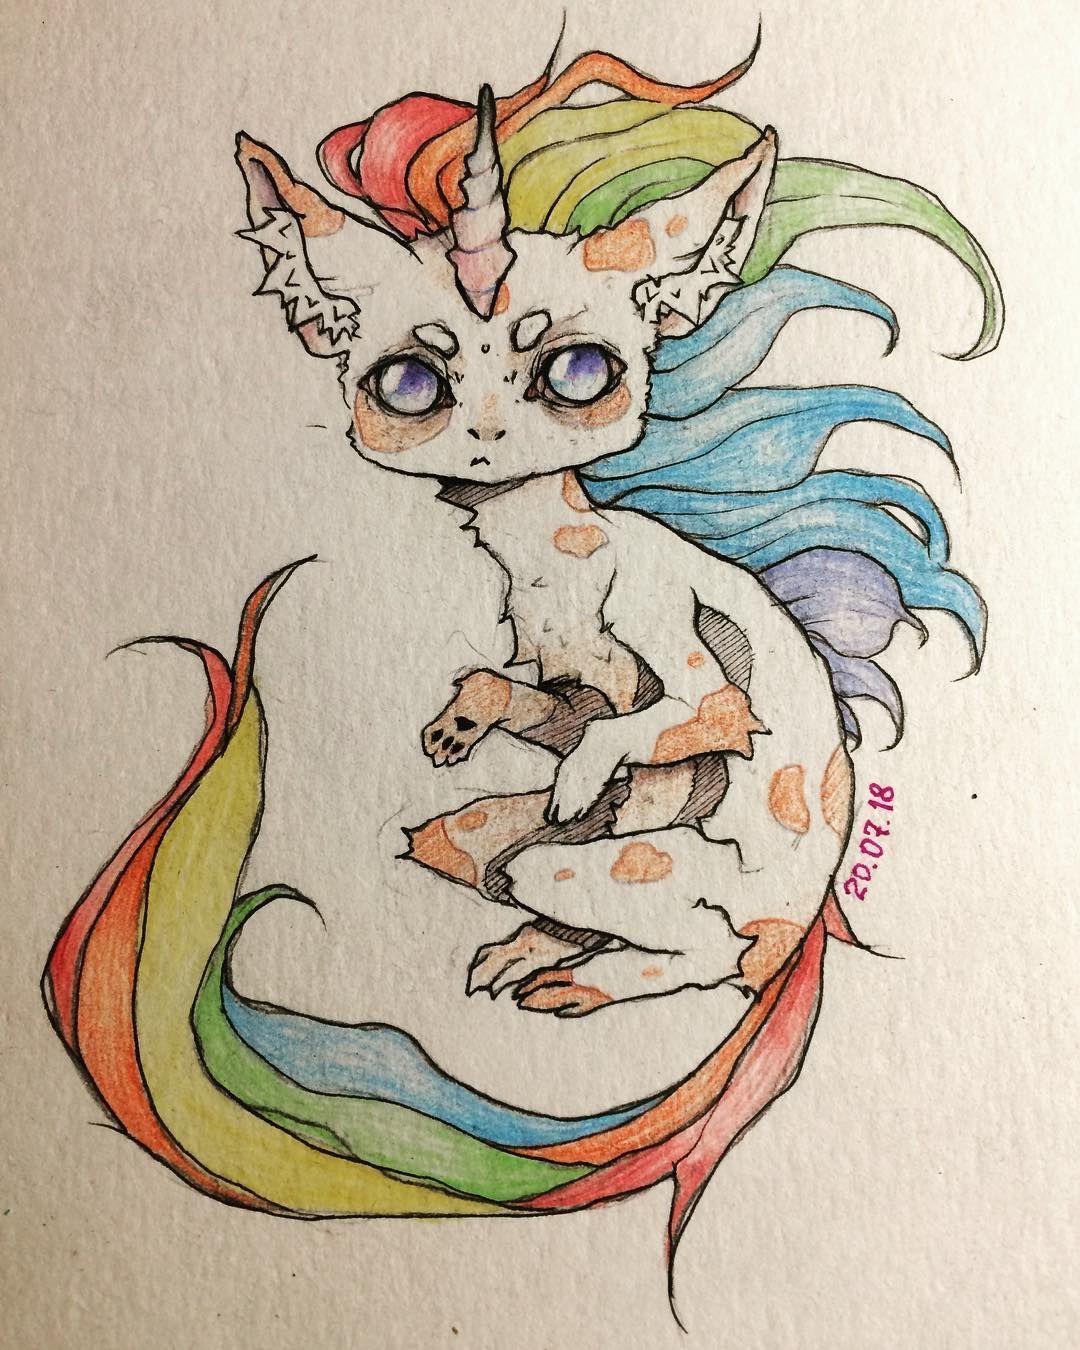 Рисуночек арт аниме радуга единорог котик кот